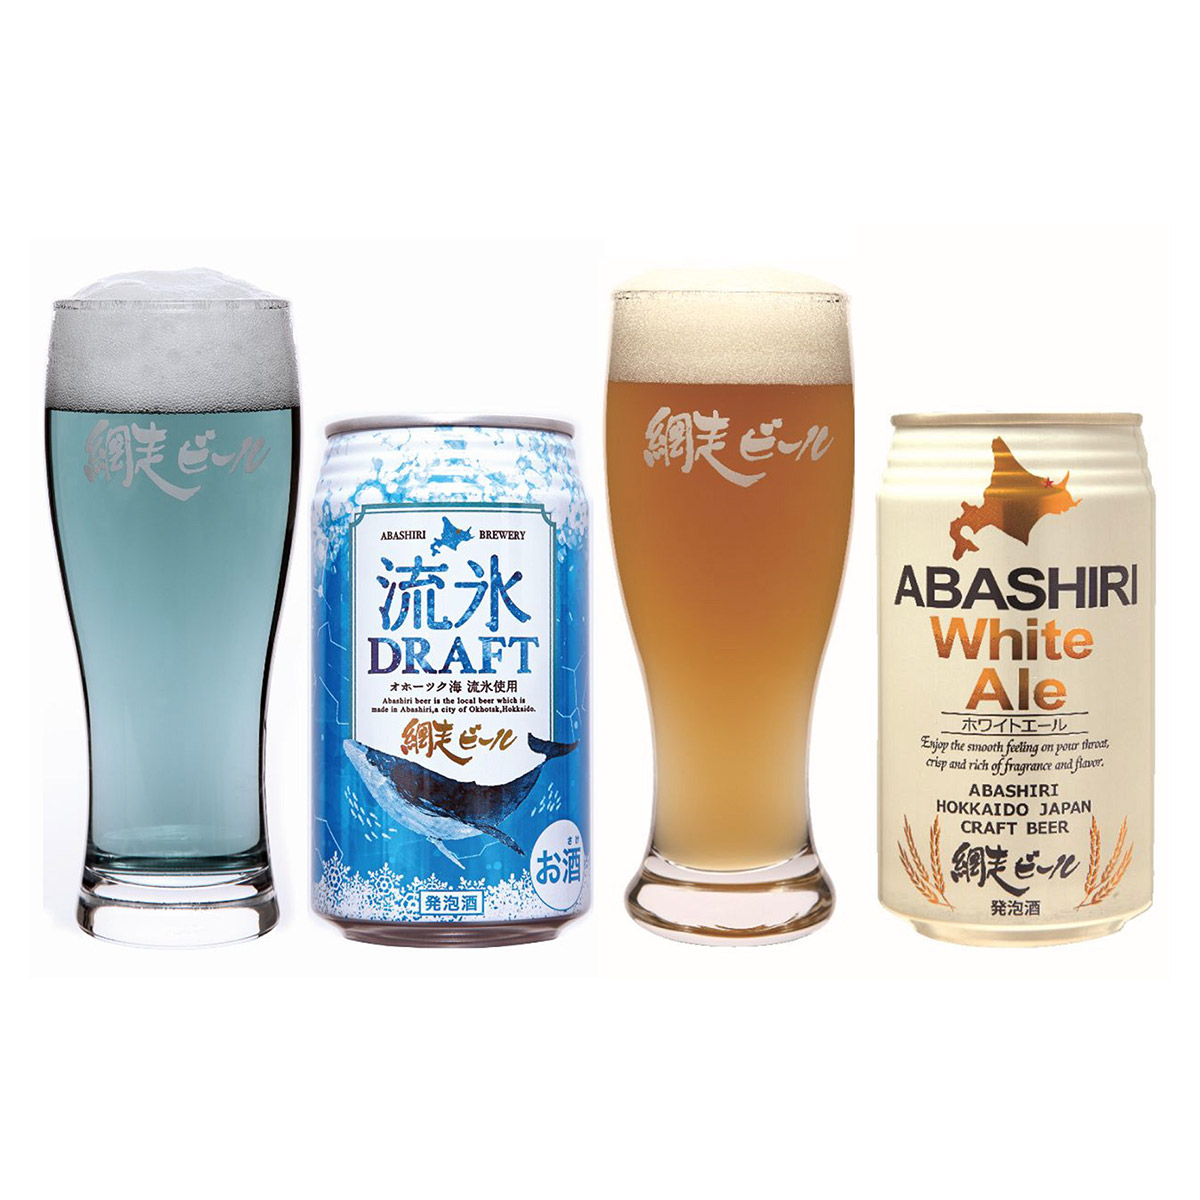 【ふるさと納税】網走ビール缶24本セット